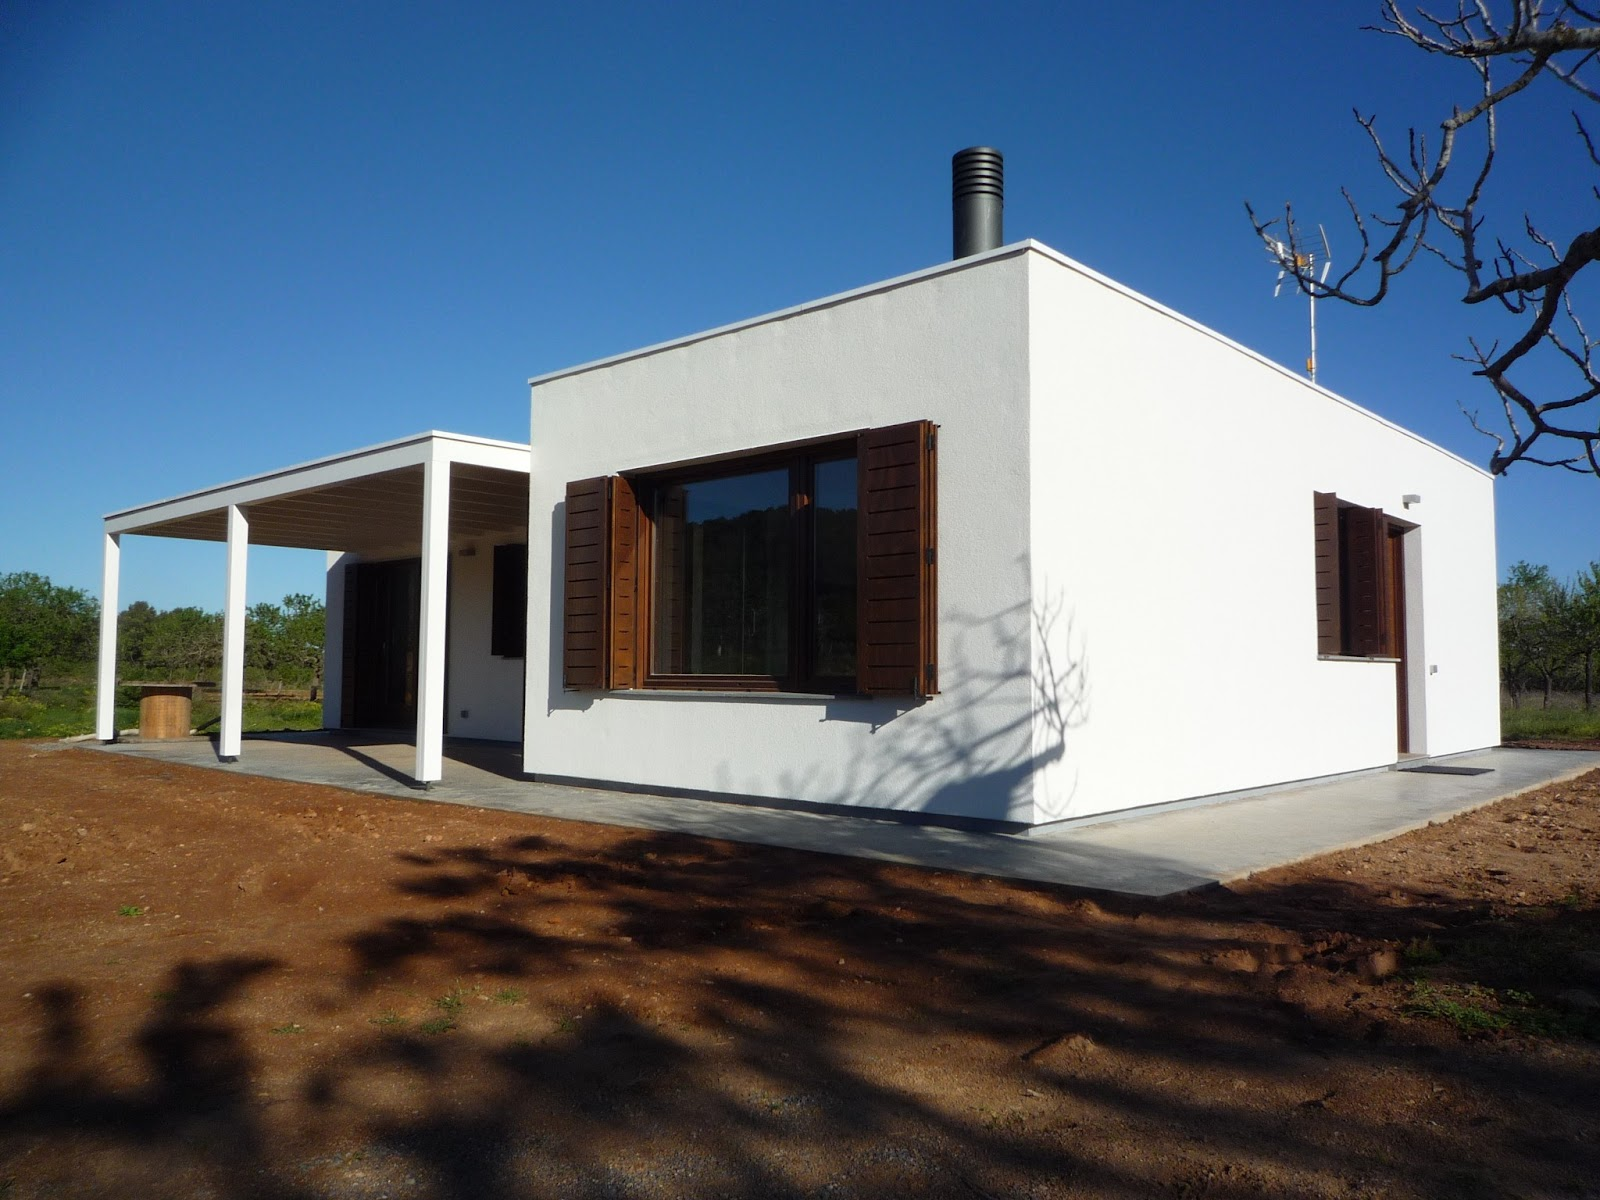 Casas modulares blochouse - Casas prefabricadas de hormigon modernas ...